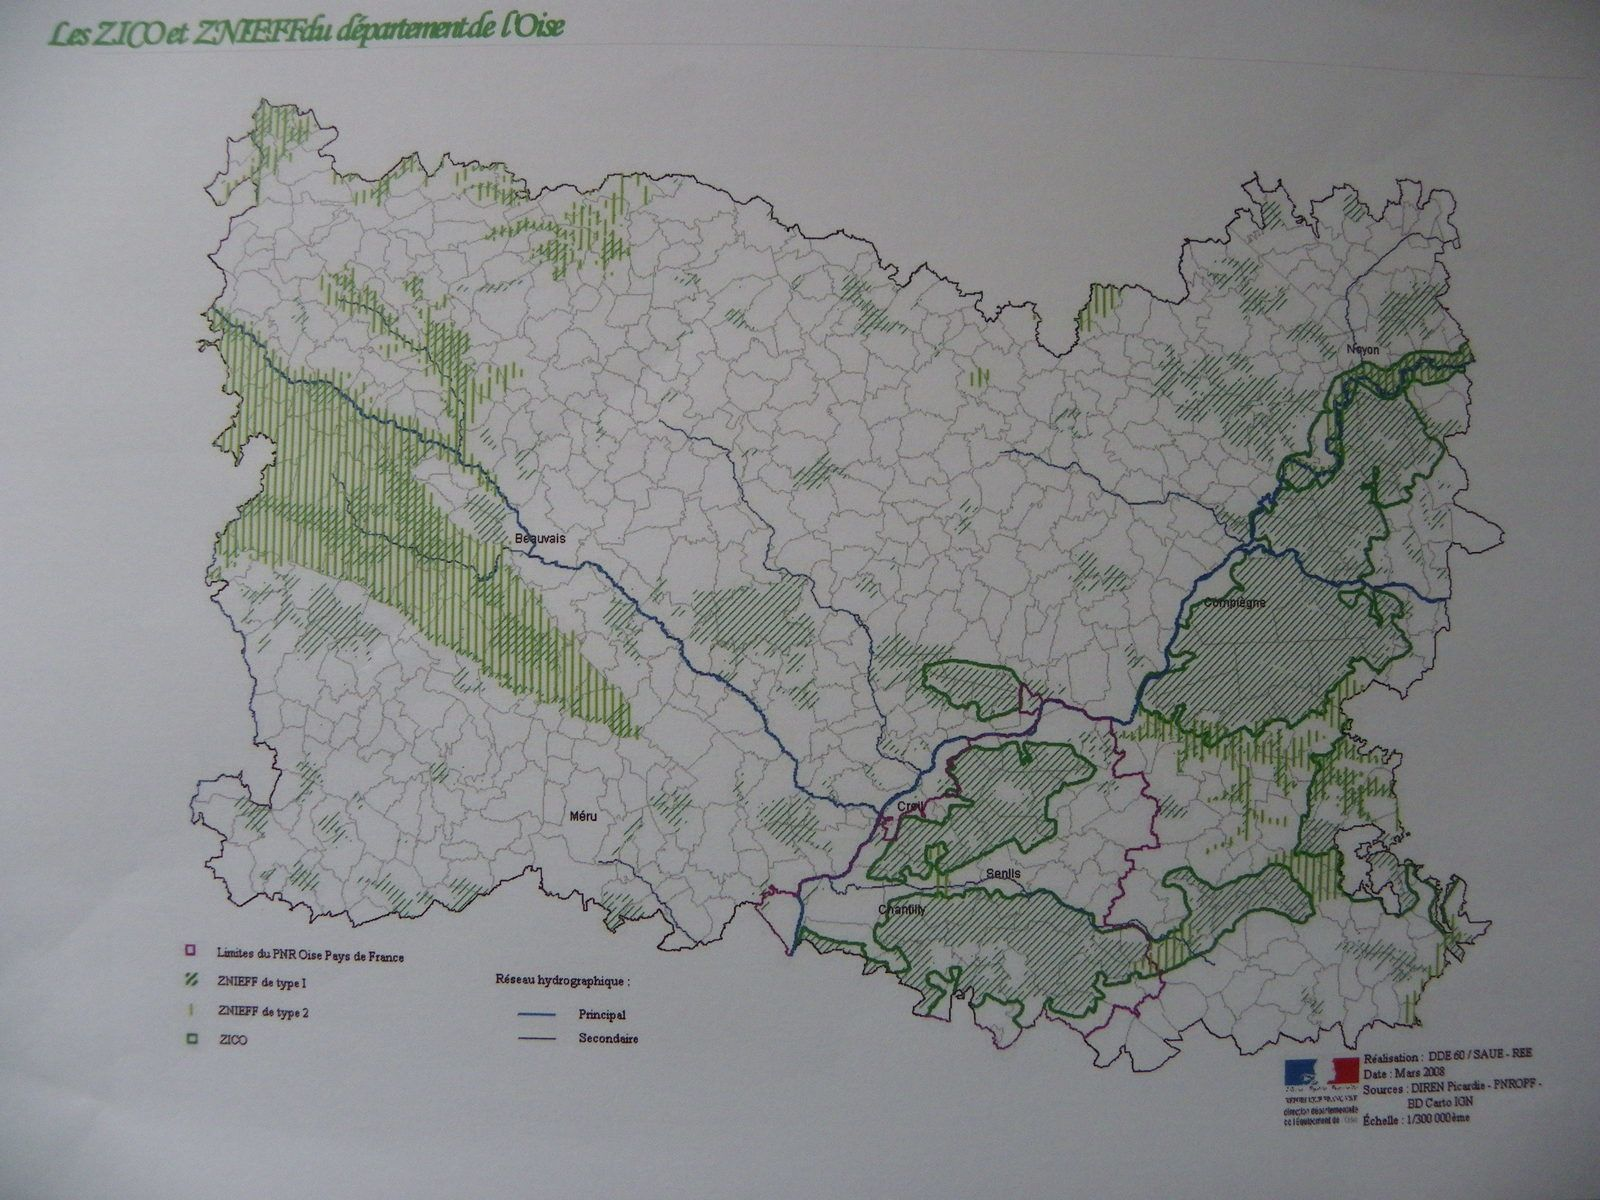 Certaines zones à protéger dans le département de l'Oise